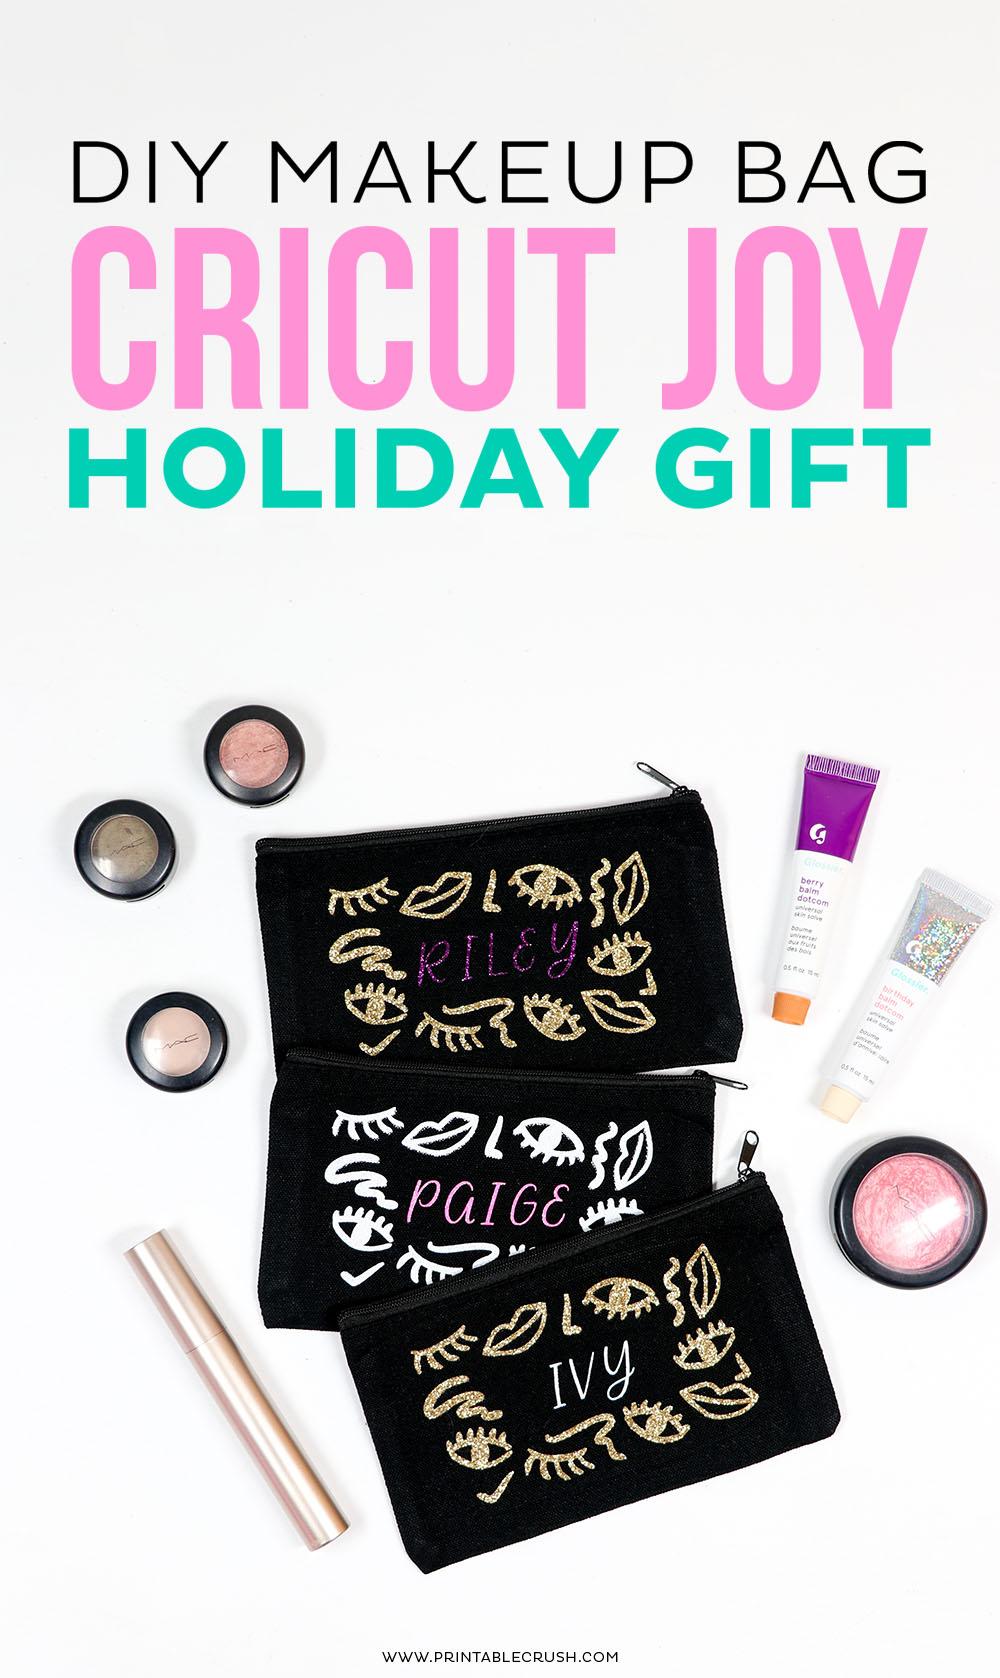 DIY Makeup Bag - Cricut Joy Holiday Gift - DIY Cricut Gift Idea - Cricut Holiday Gift Idea - Printable Crush